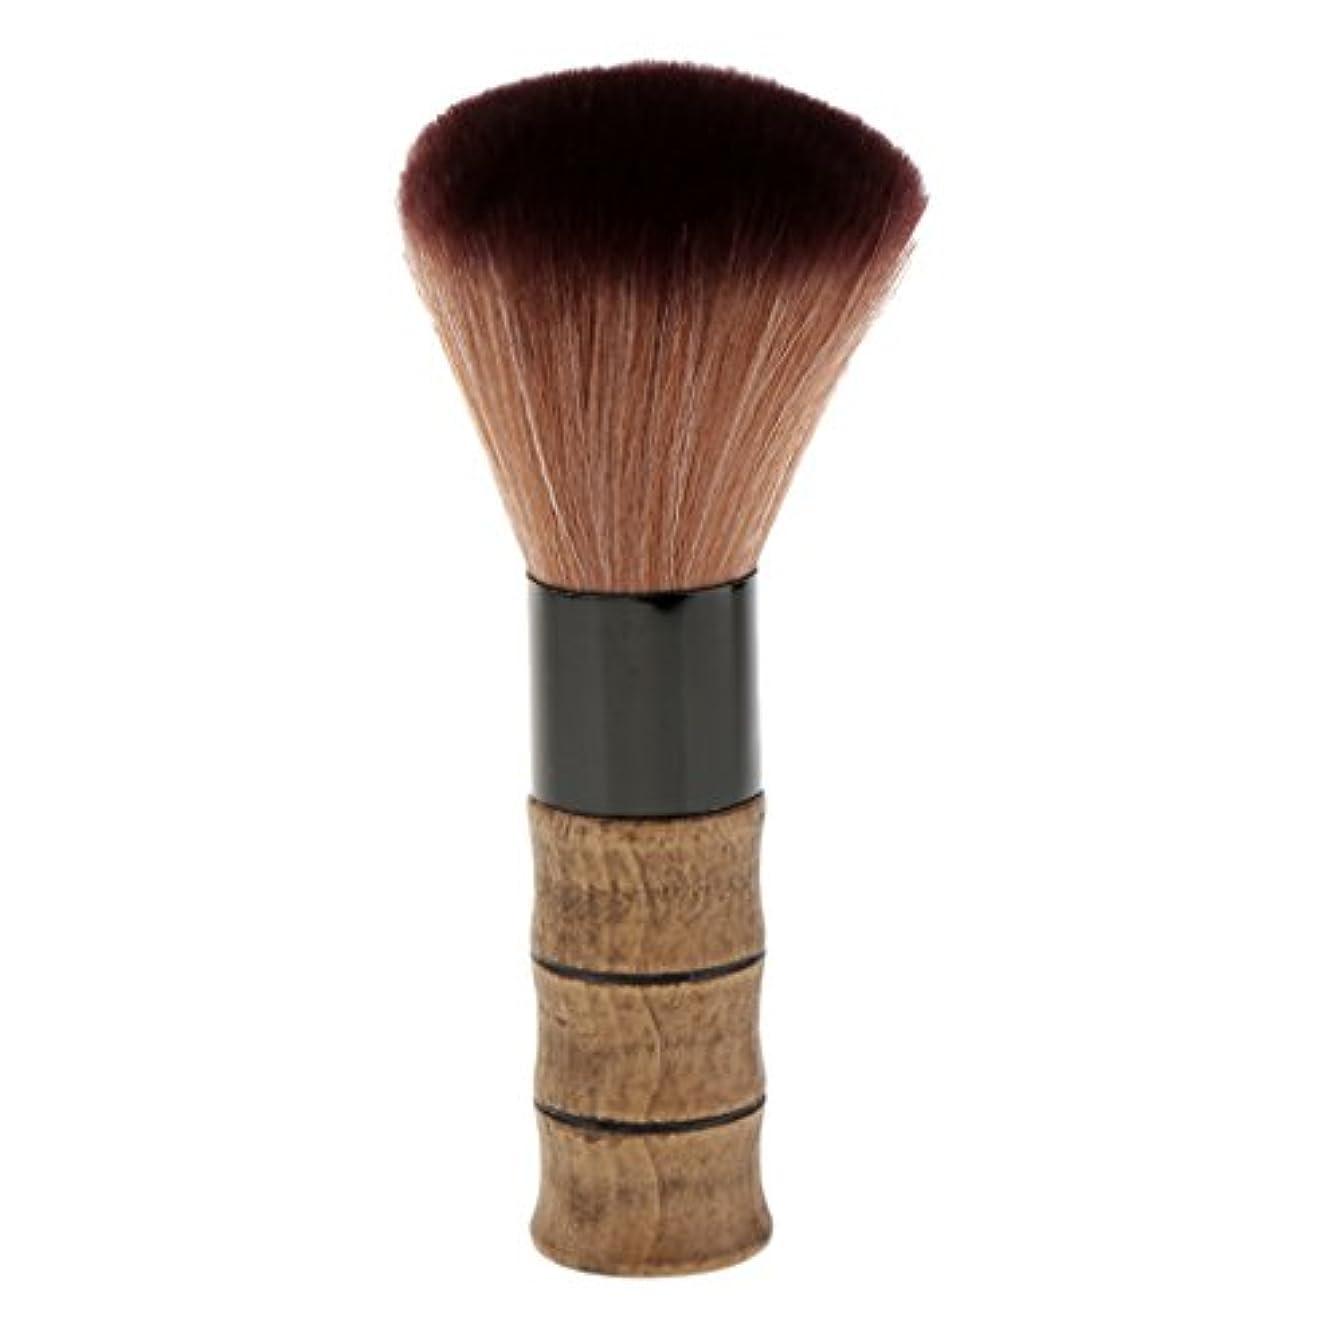 混合摘む光のシェービングブラシ メイクブラシ ソフトファイバー 竹ハンドル シェービング ブラシ スキンケア 2色選べる - 褐色